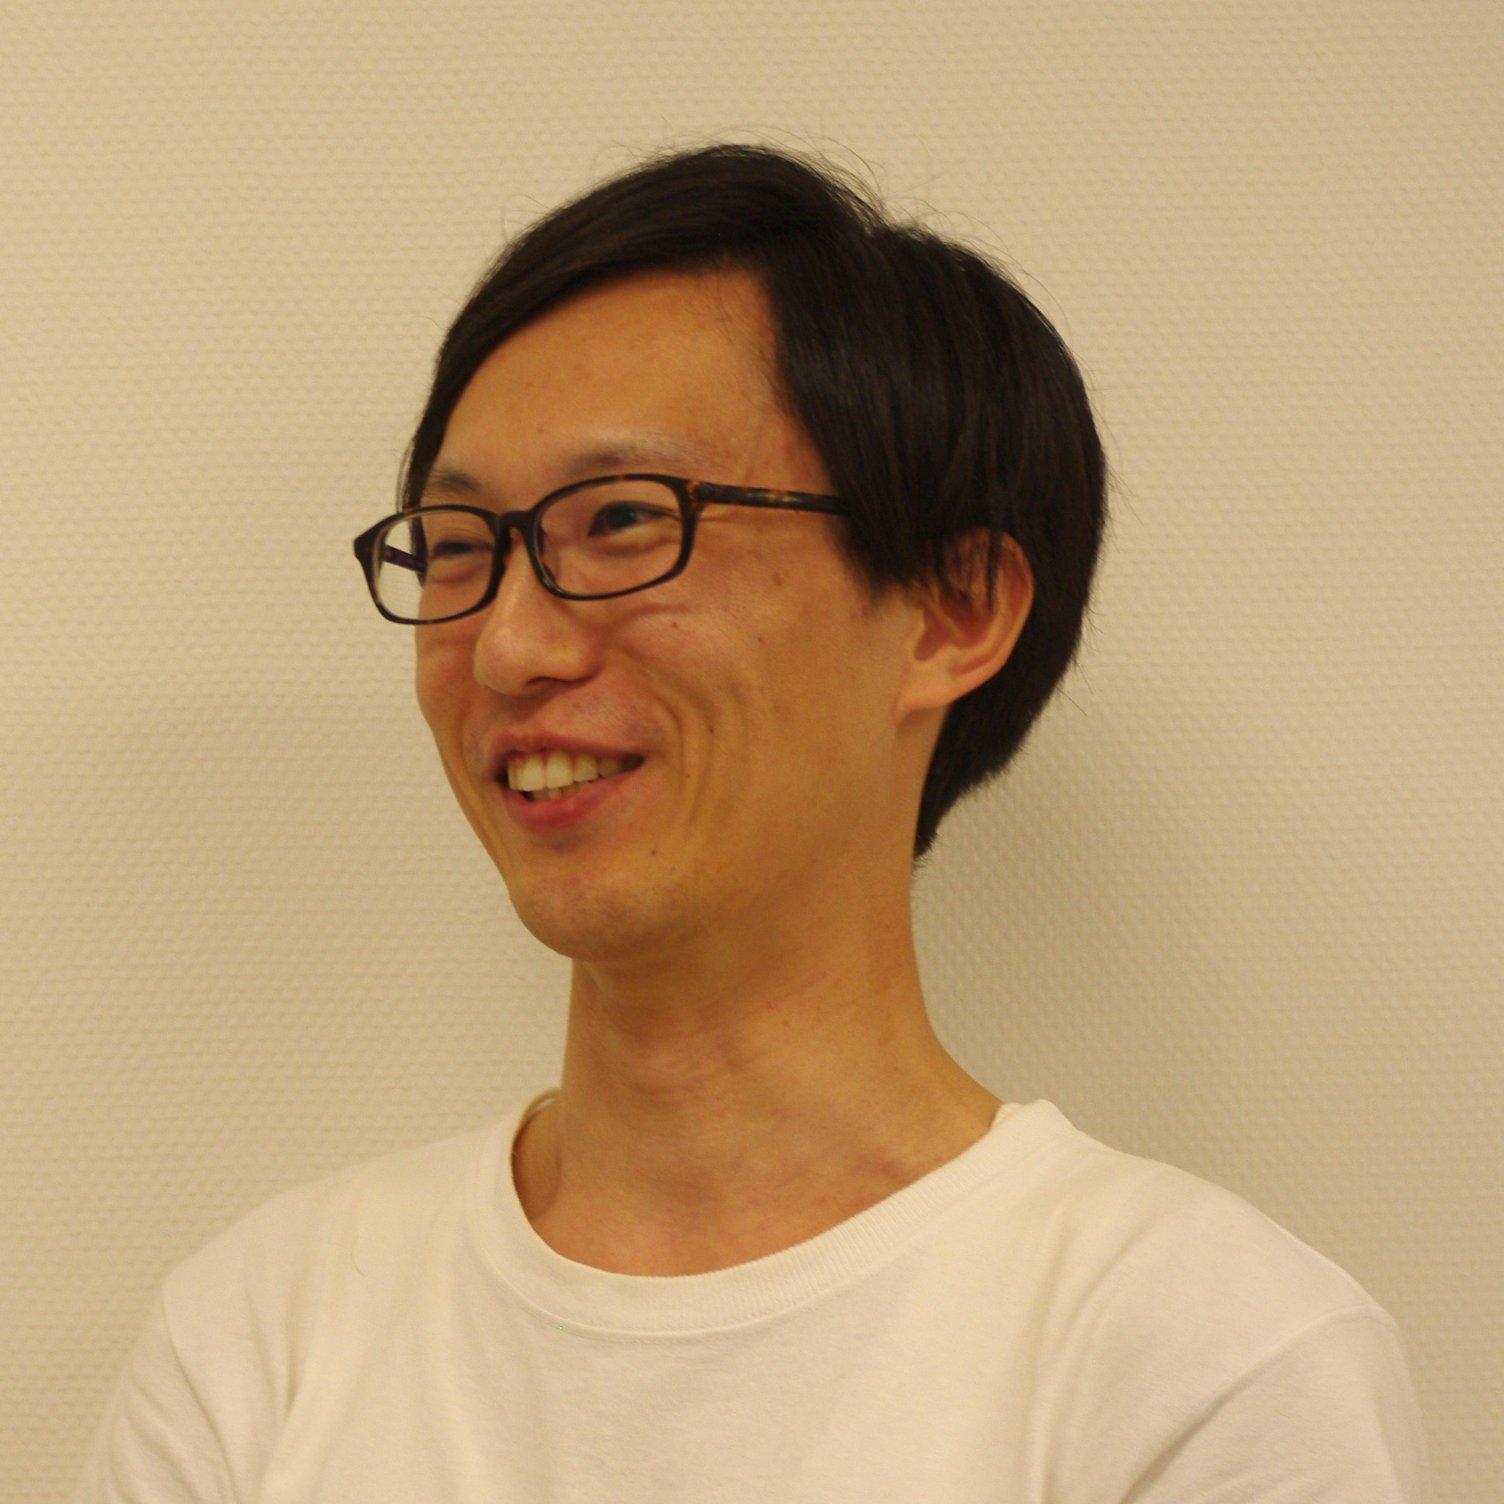 ホームインスペクター 坂井 洋輔